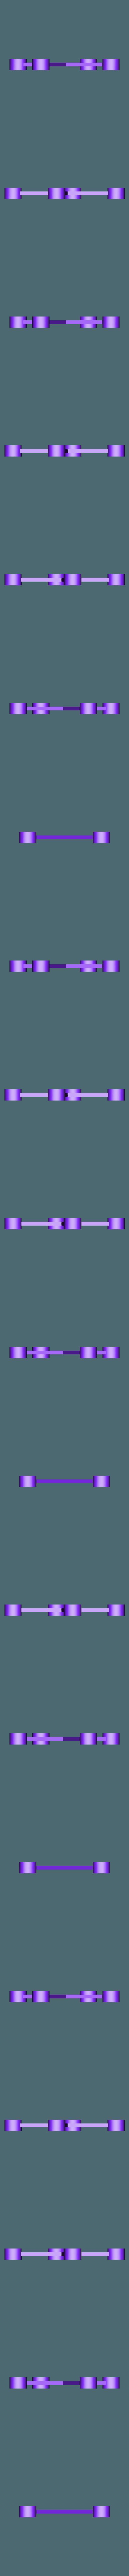 Mid_spacer_v2_v19.stl Télécharger fichier STL gratuit GepRC MX3 - Auvent de cosse de moineau • Design imprimable en 3D, nik101968